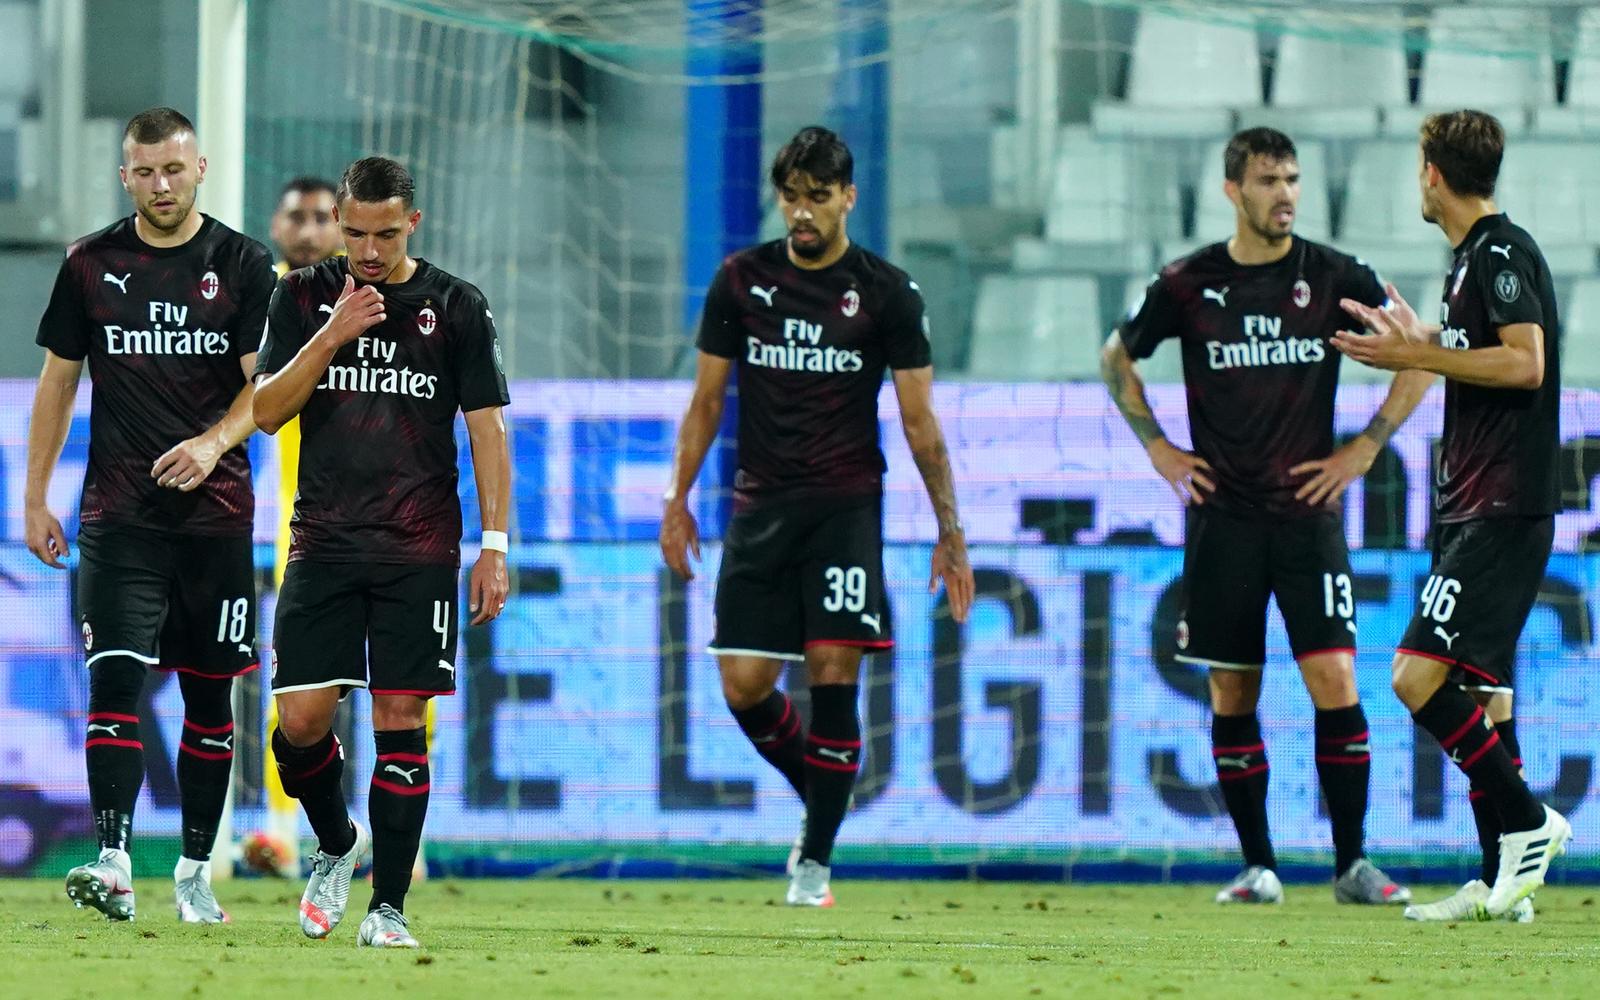 «Лацио» - «Милан»: прогноз на матч чемпионата Италии